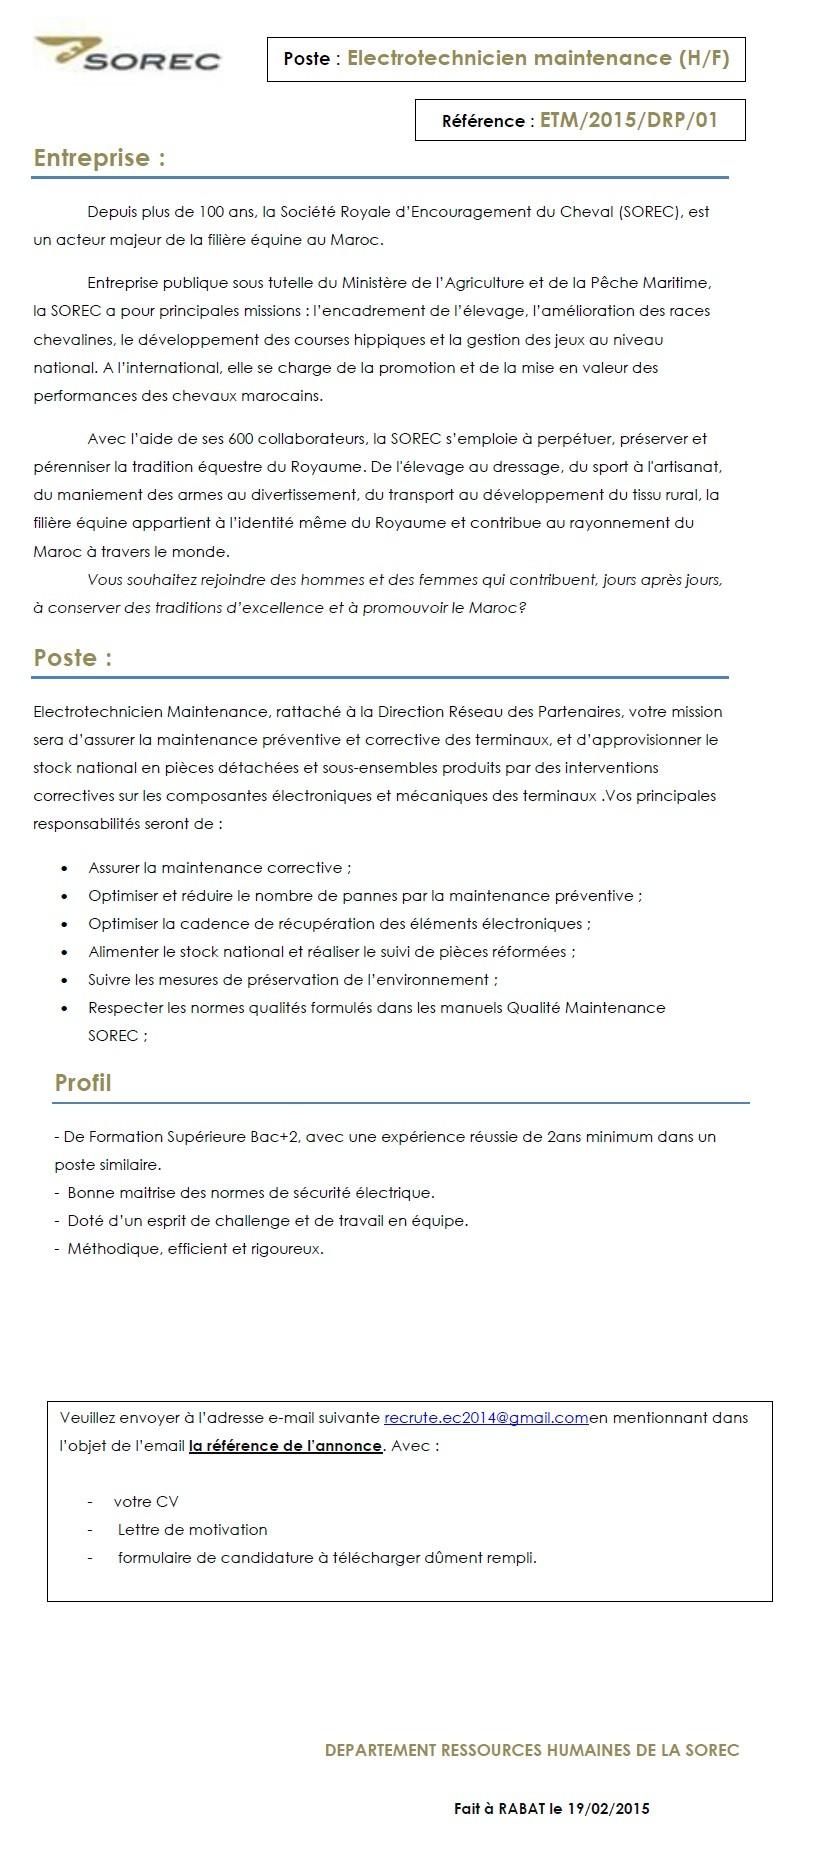 الشركة الملكية لتشجيع الفرس : مباراة لتوظيف مستشار هاتفي (2) و تقني (3) و مسؤول عن التسويق الرقمي (1) و منشط تجاري (1) آخر أجل لإيداع الترشيحات 15 مارس 2015 Concou83